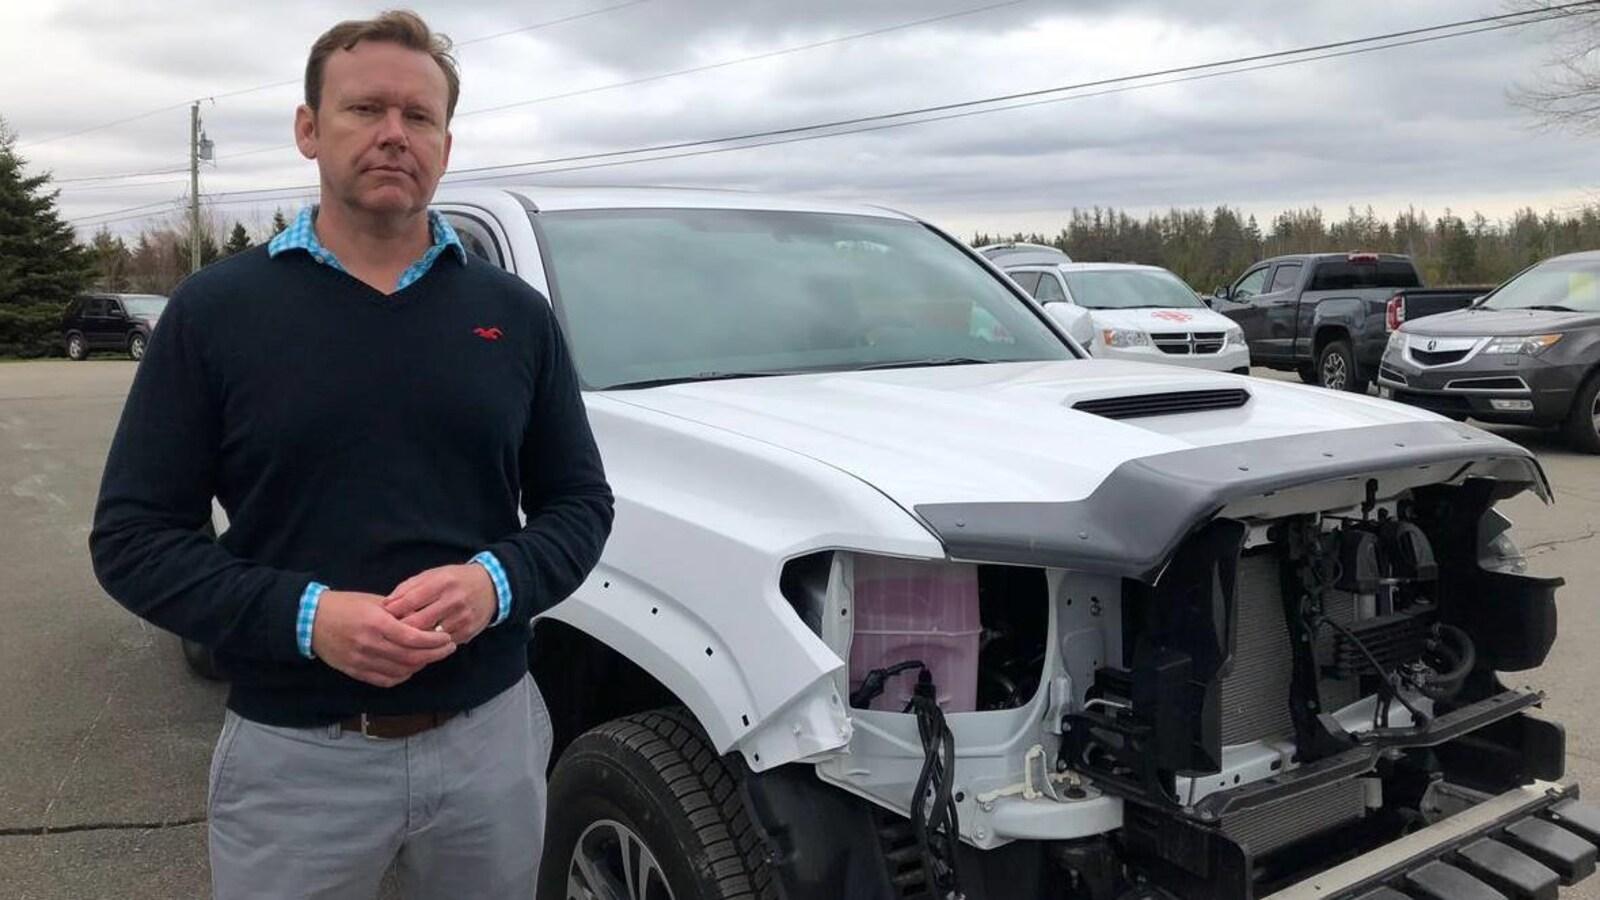 Sam Dalton debout devant sa camionnette qui n'a plus de phares ni de radiateur